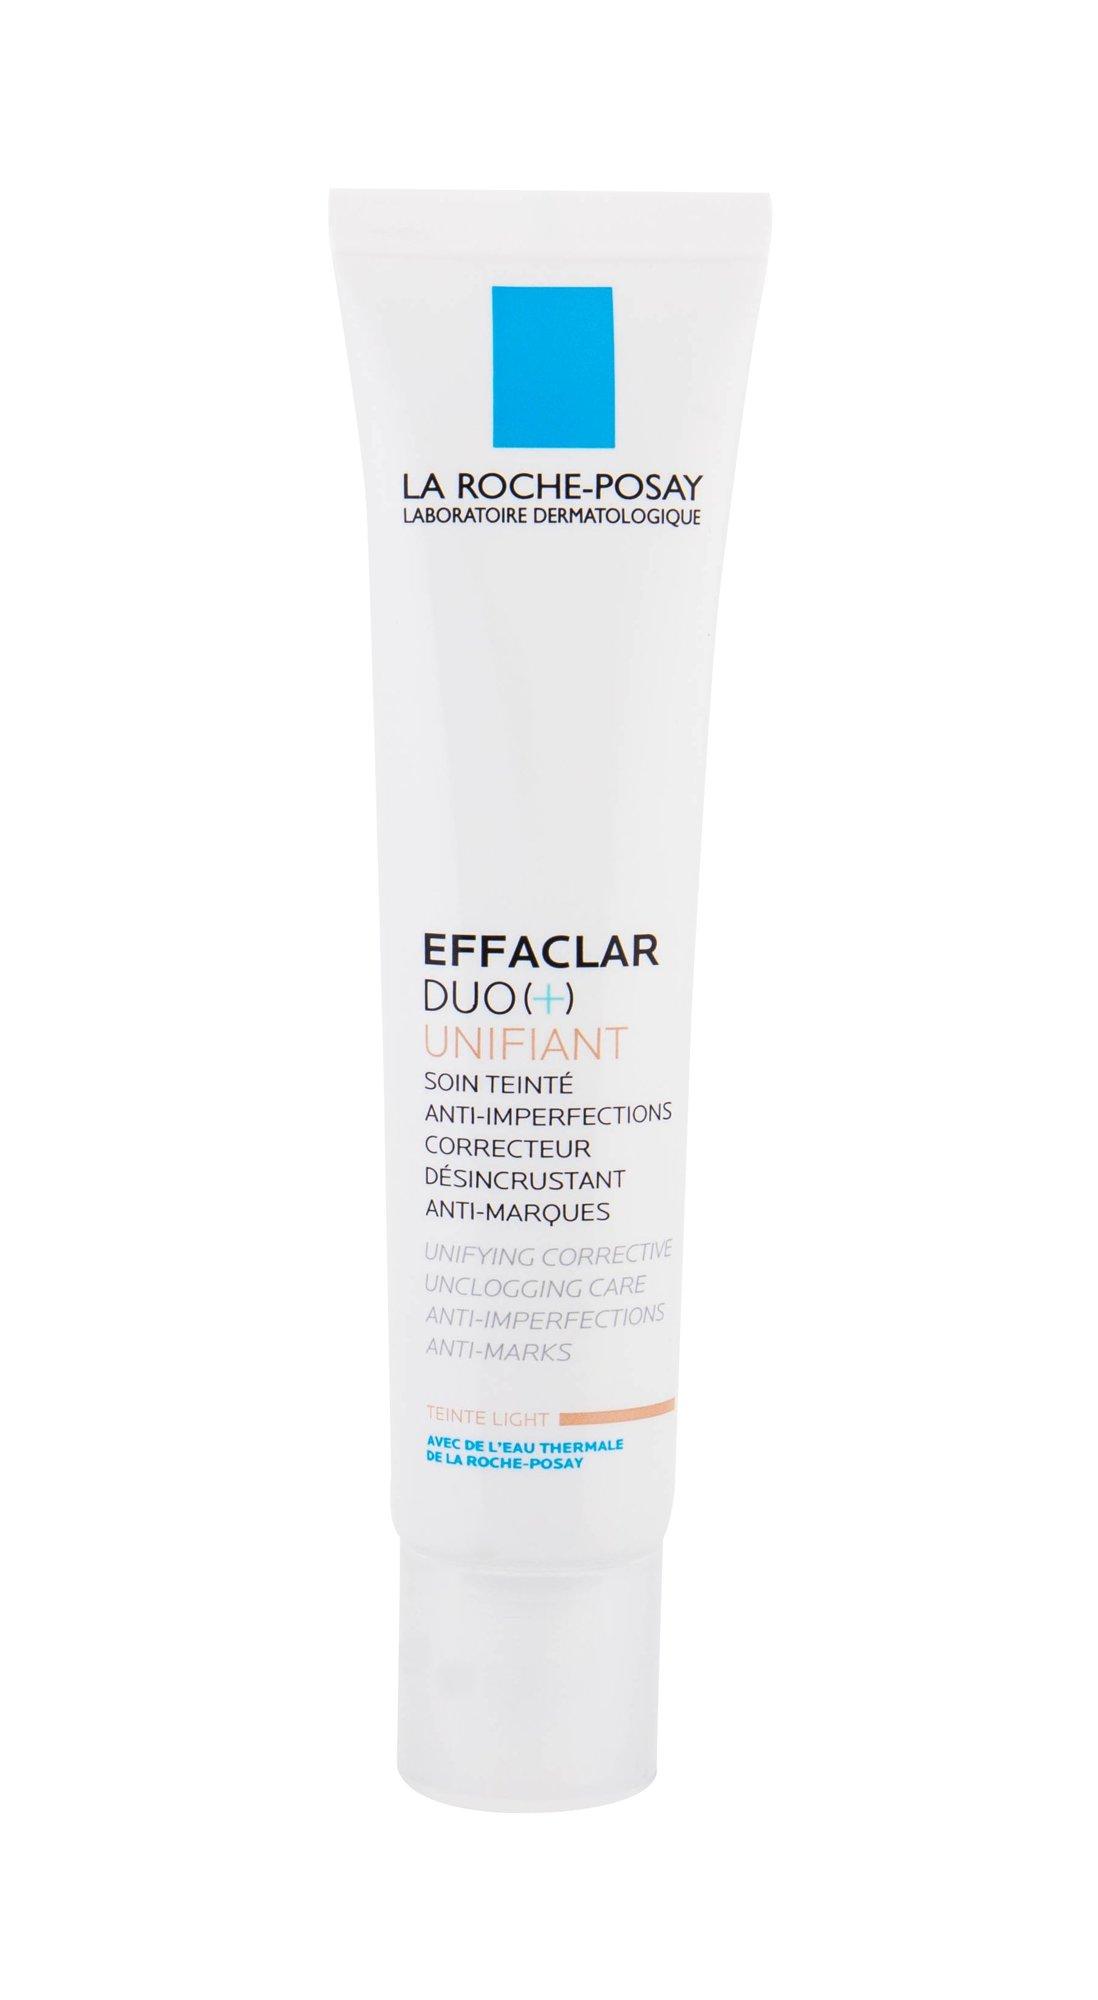 La Roche-Posay Effaclar Corrector 40ml Light Duo (+)